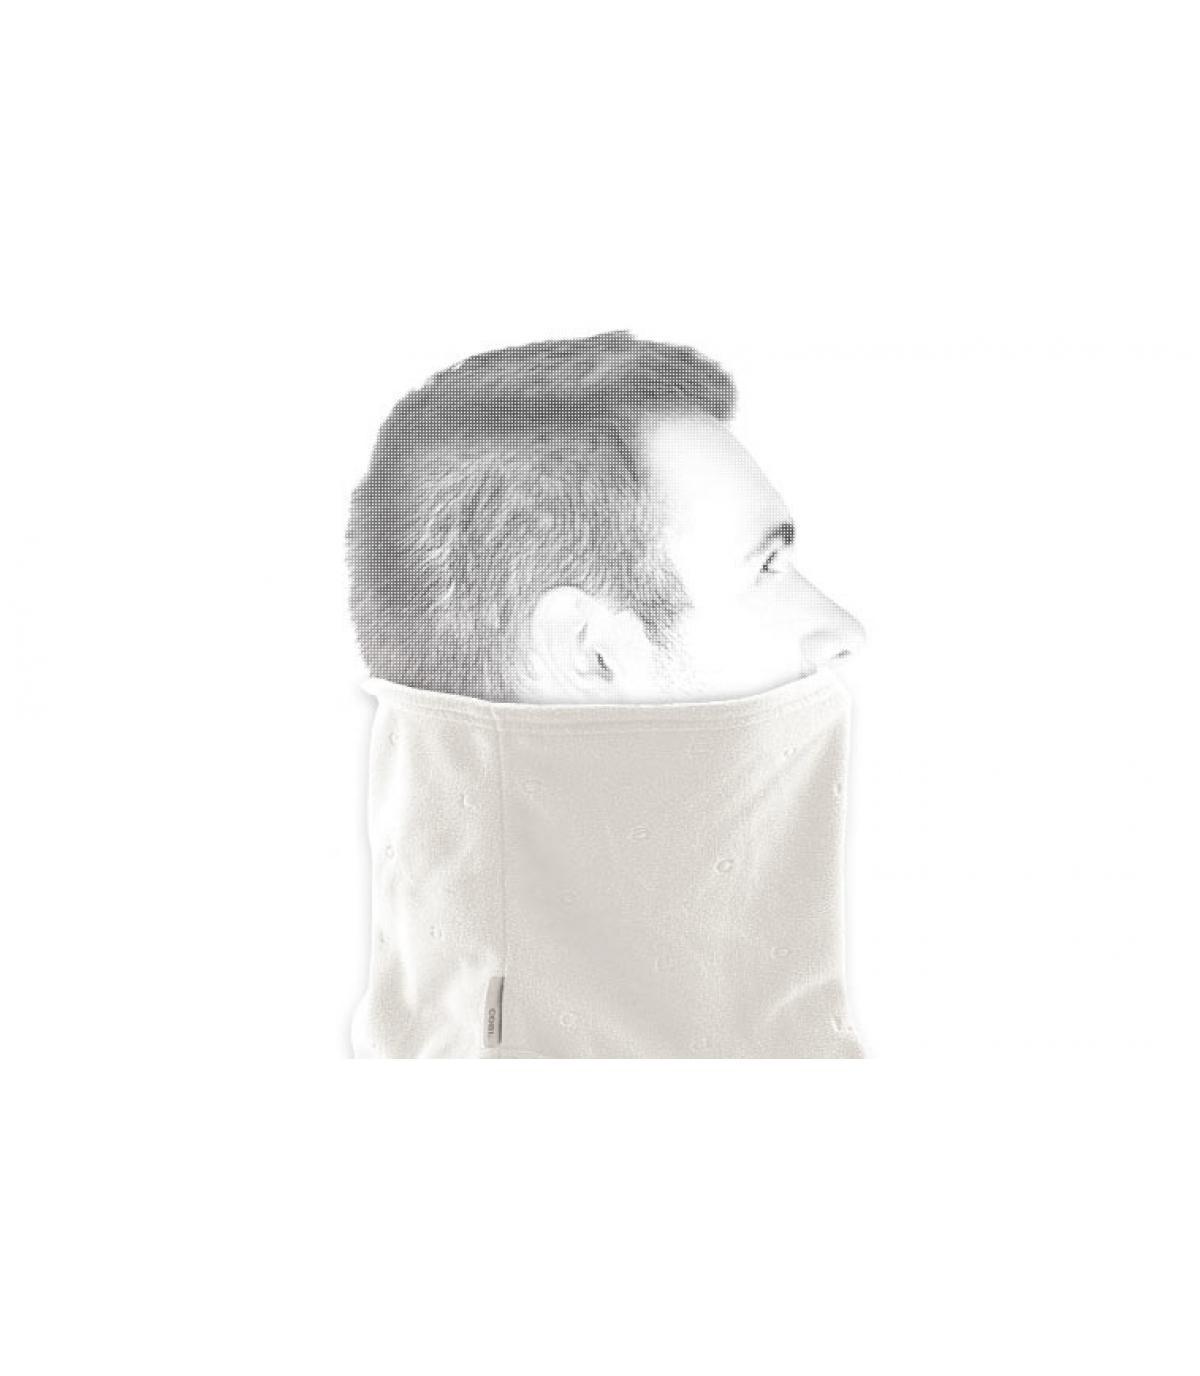 Weißer sportliche Schal